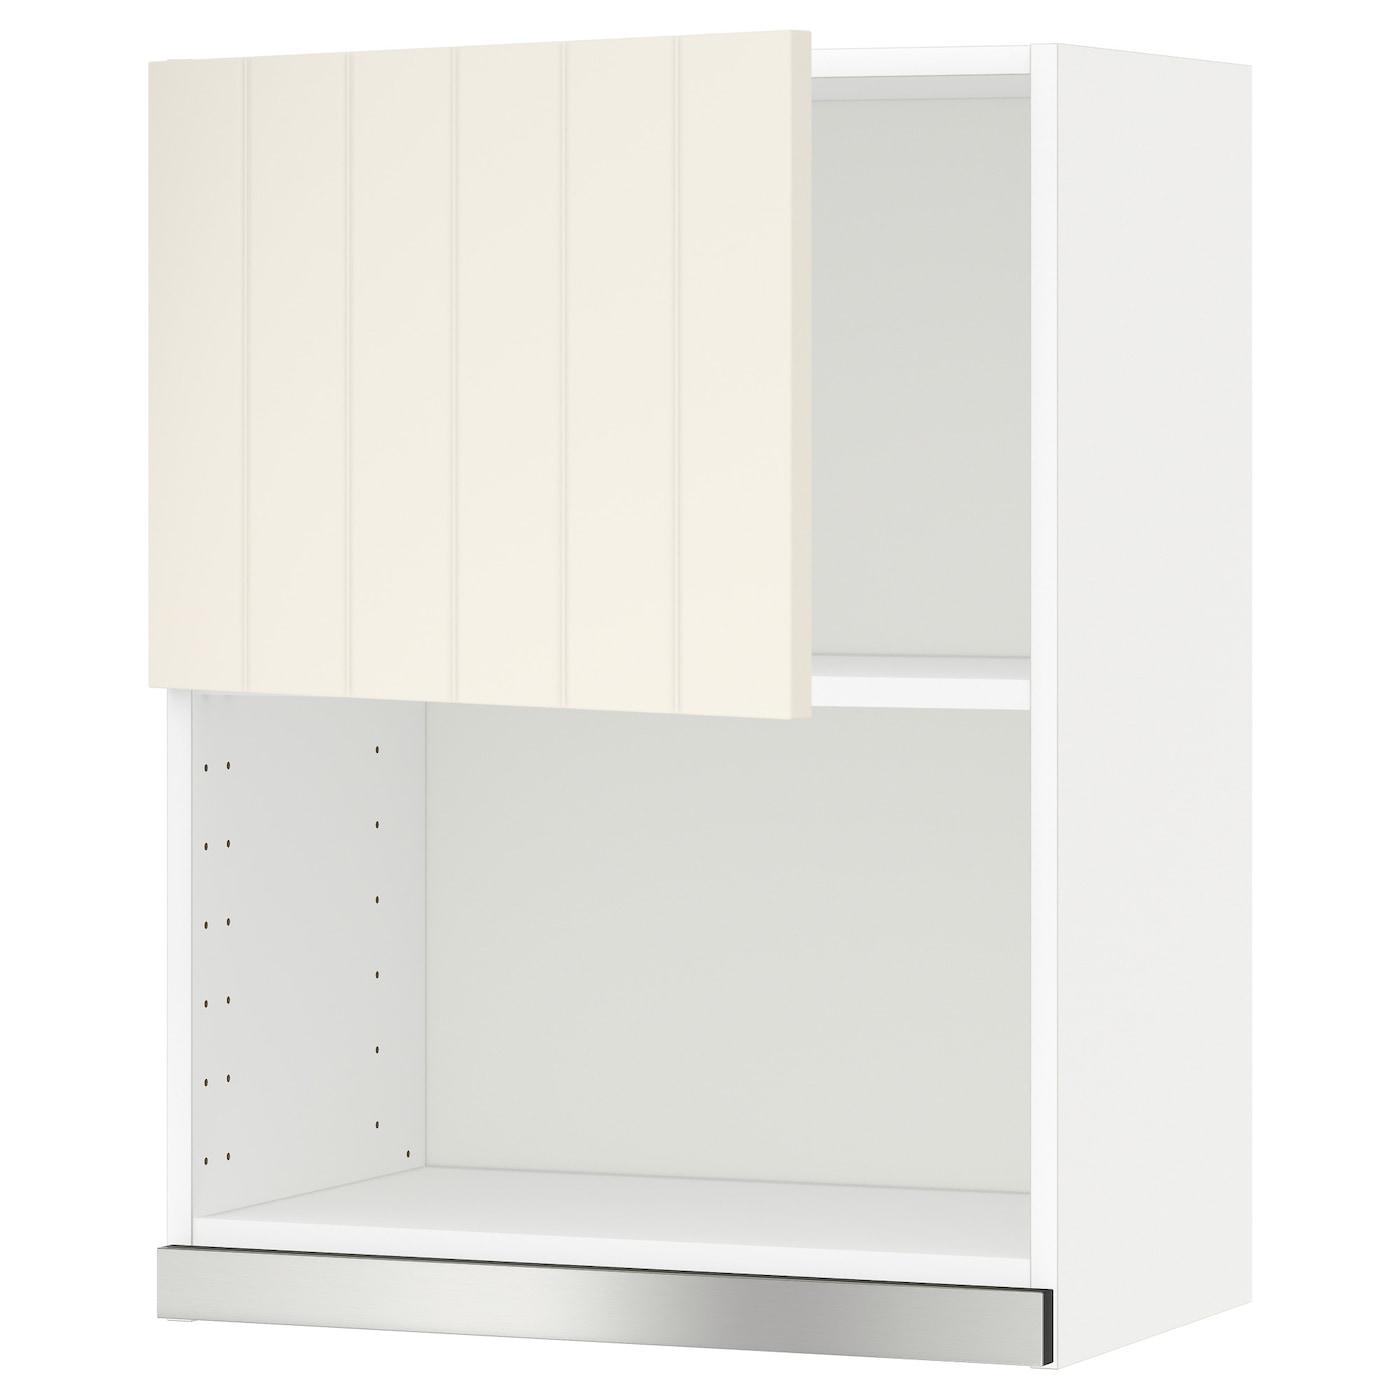 METOD, Wandschrank für Mikrowellenherd, weiß 690.541.37